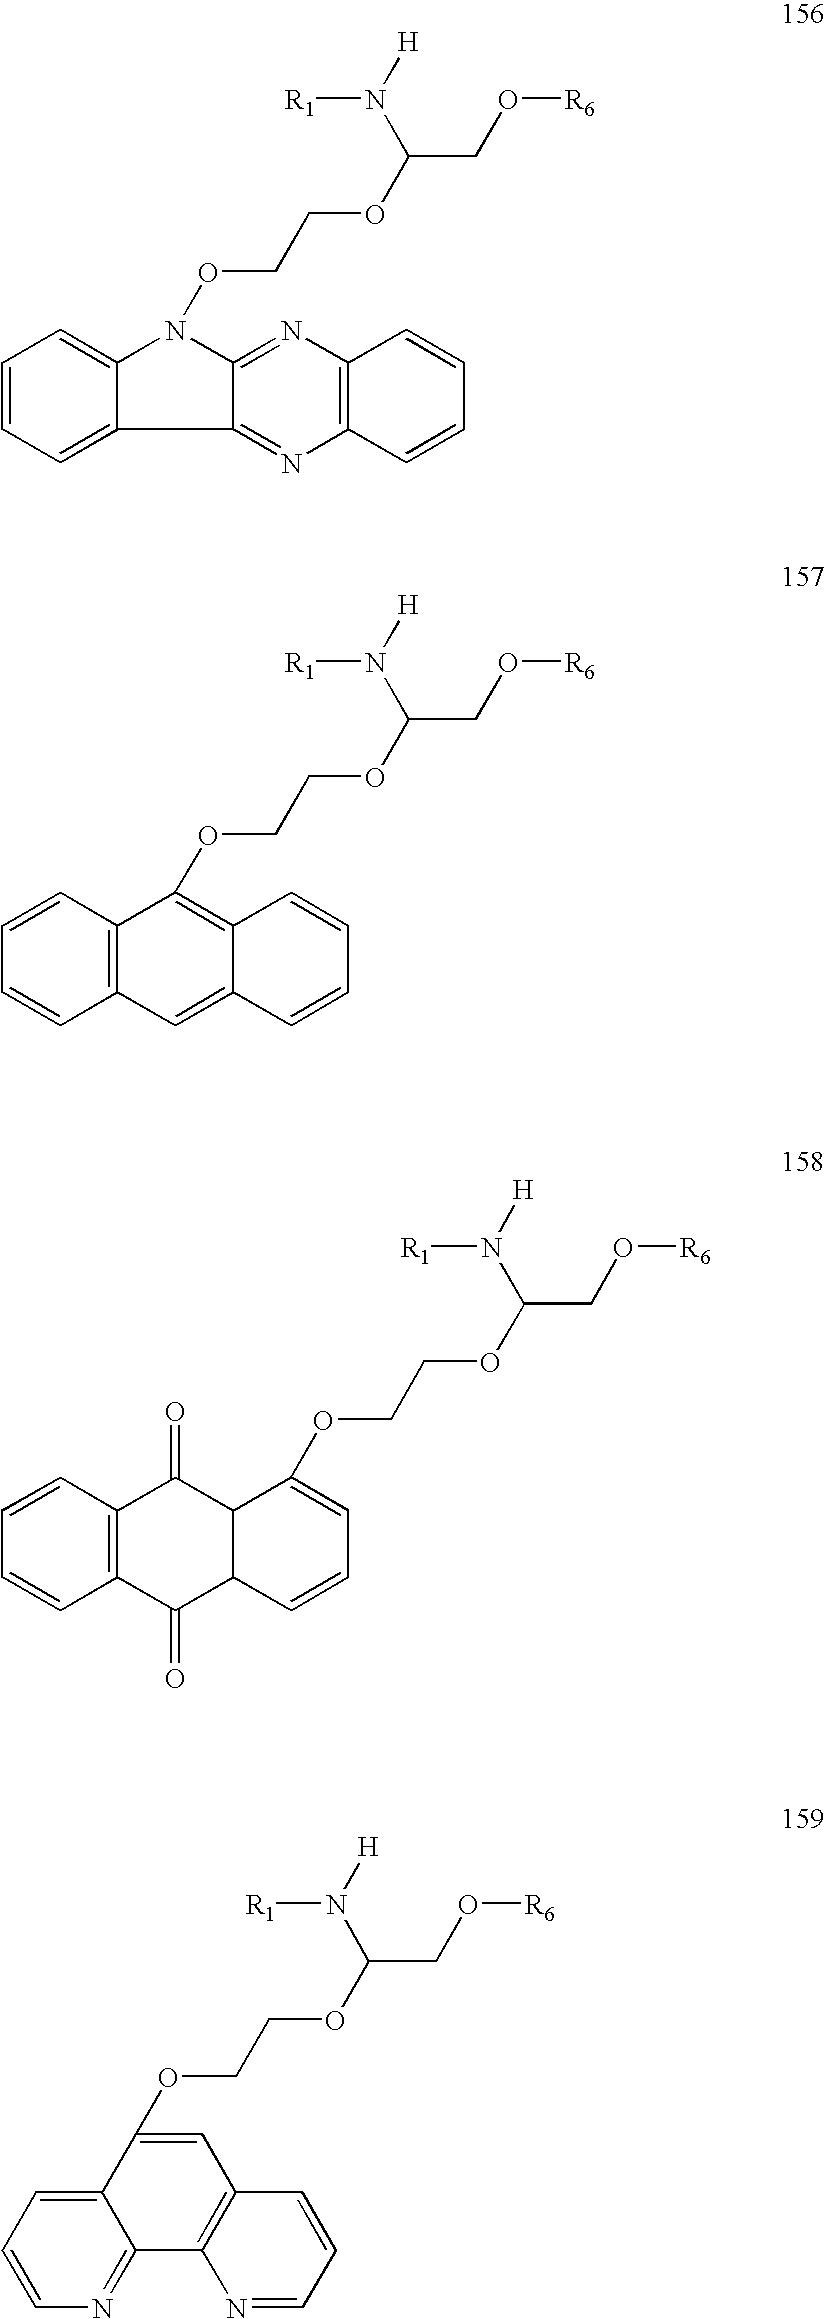 Figure US20060014144A1-20060119-C00122